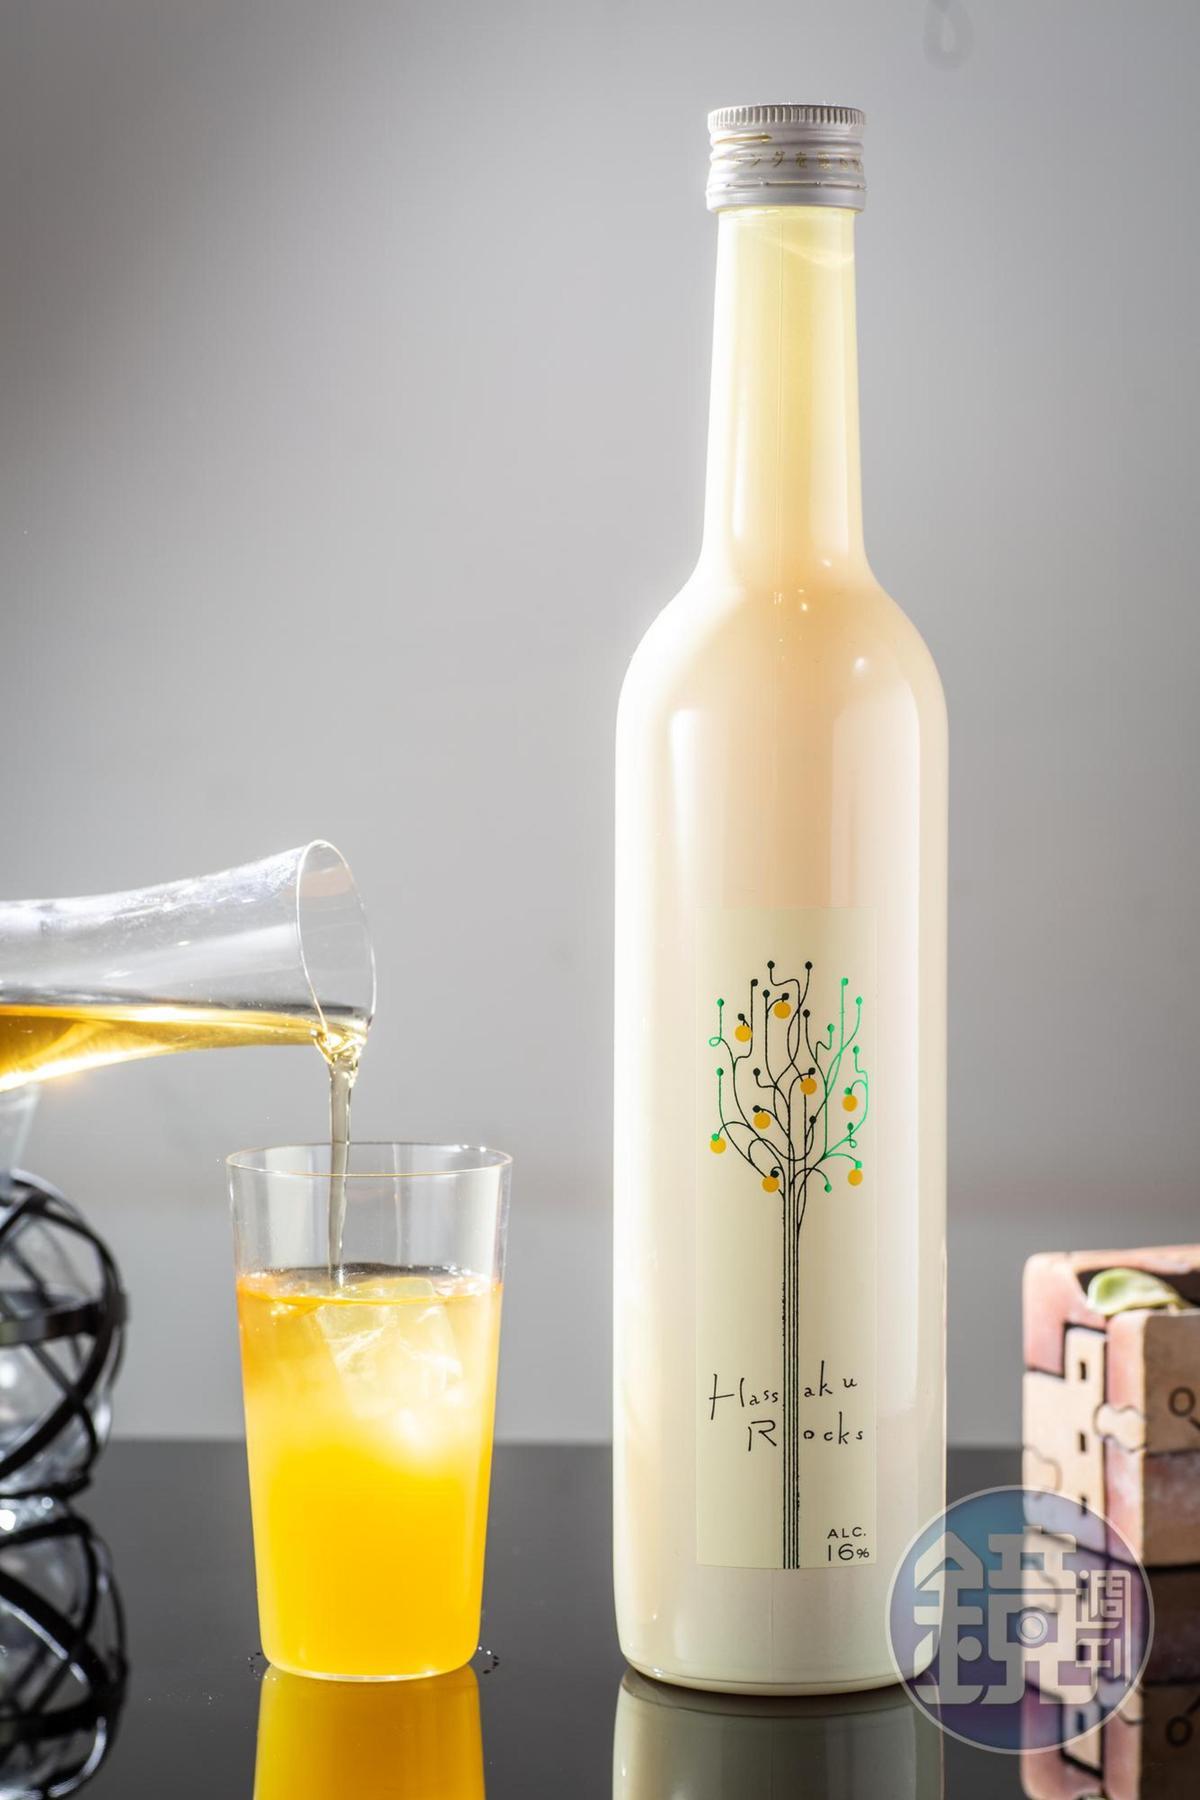 「八朔橘Rocks」純飲時酒味較重,果皮油脂產生的香氣濃厚,調入紅茶,會有類似手搖水果茶的風味。(990元/瓶)